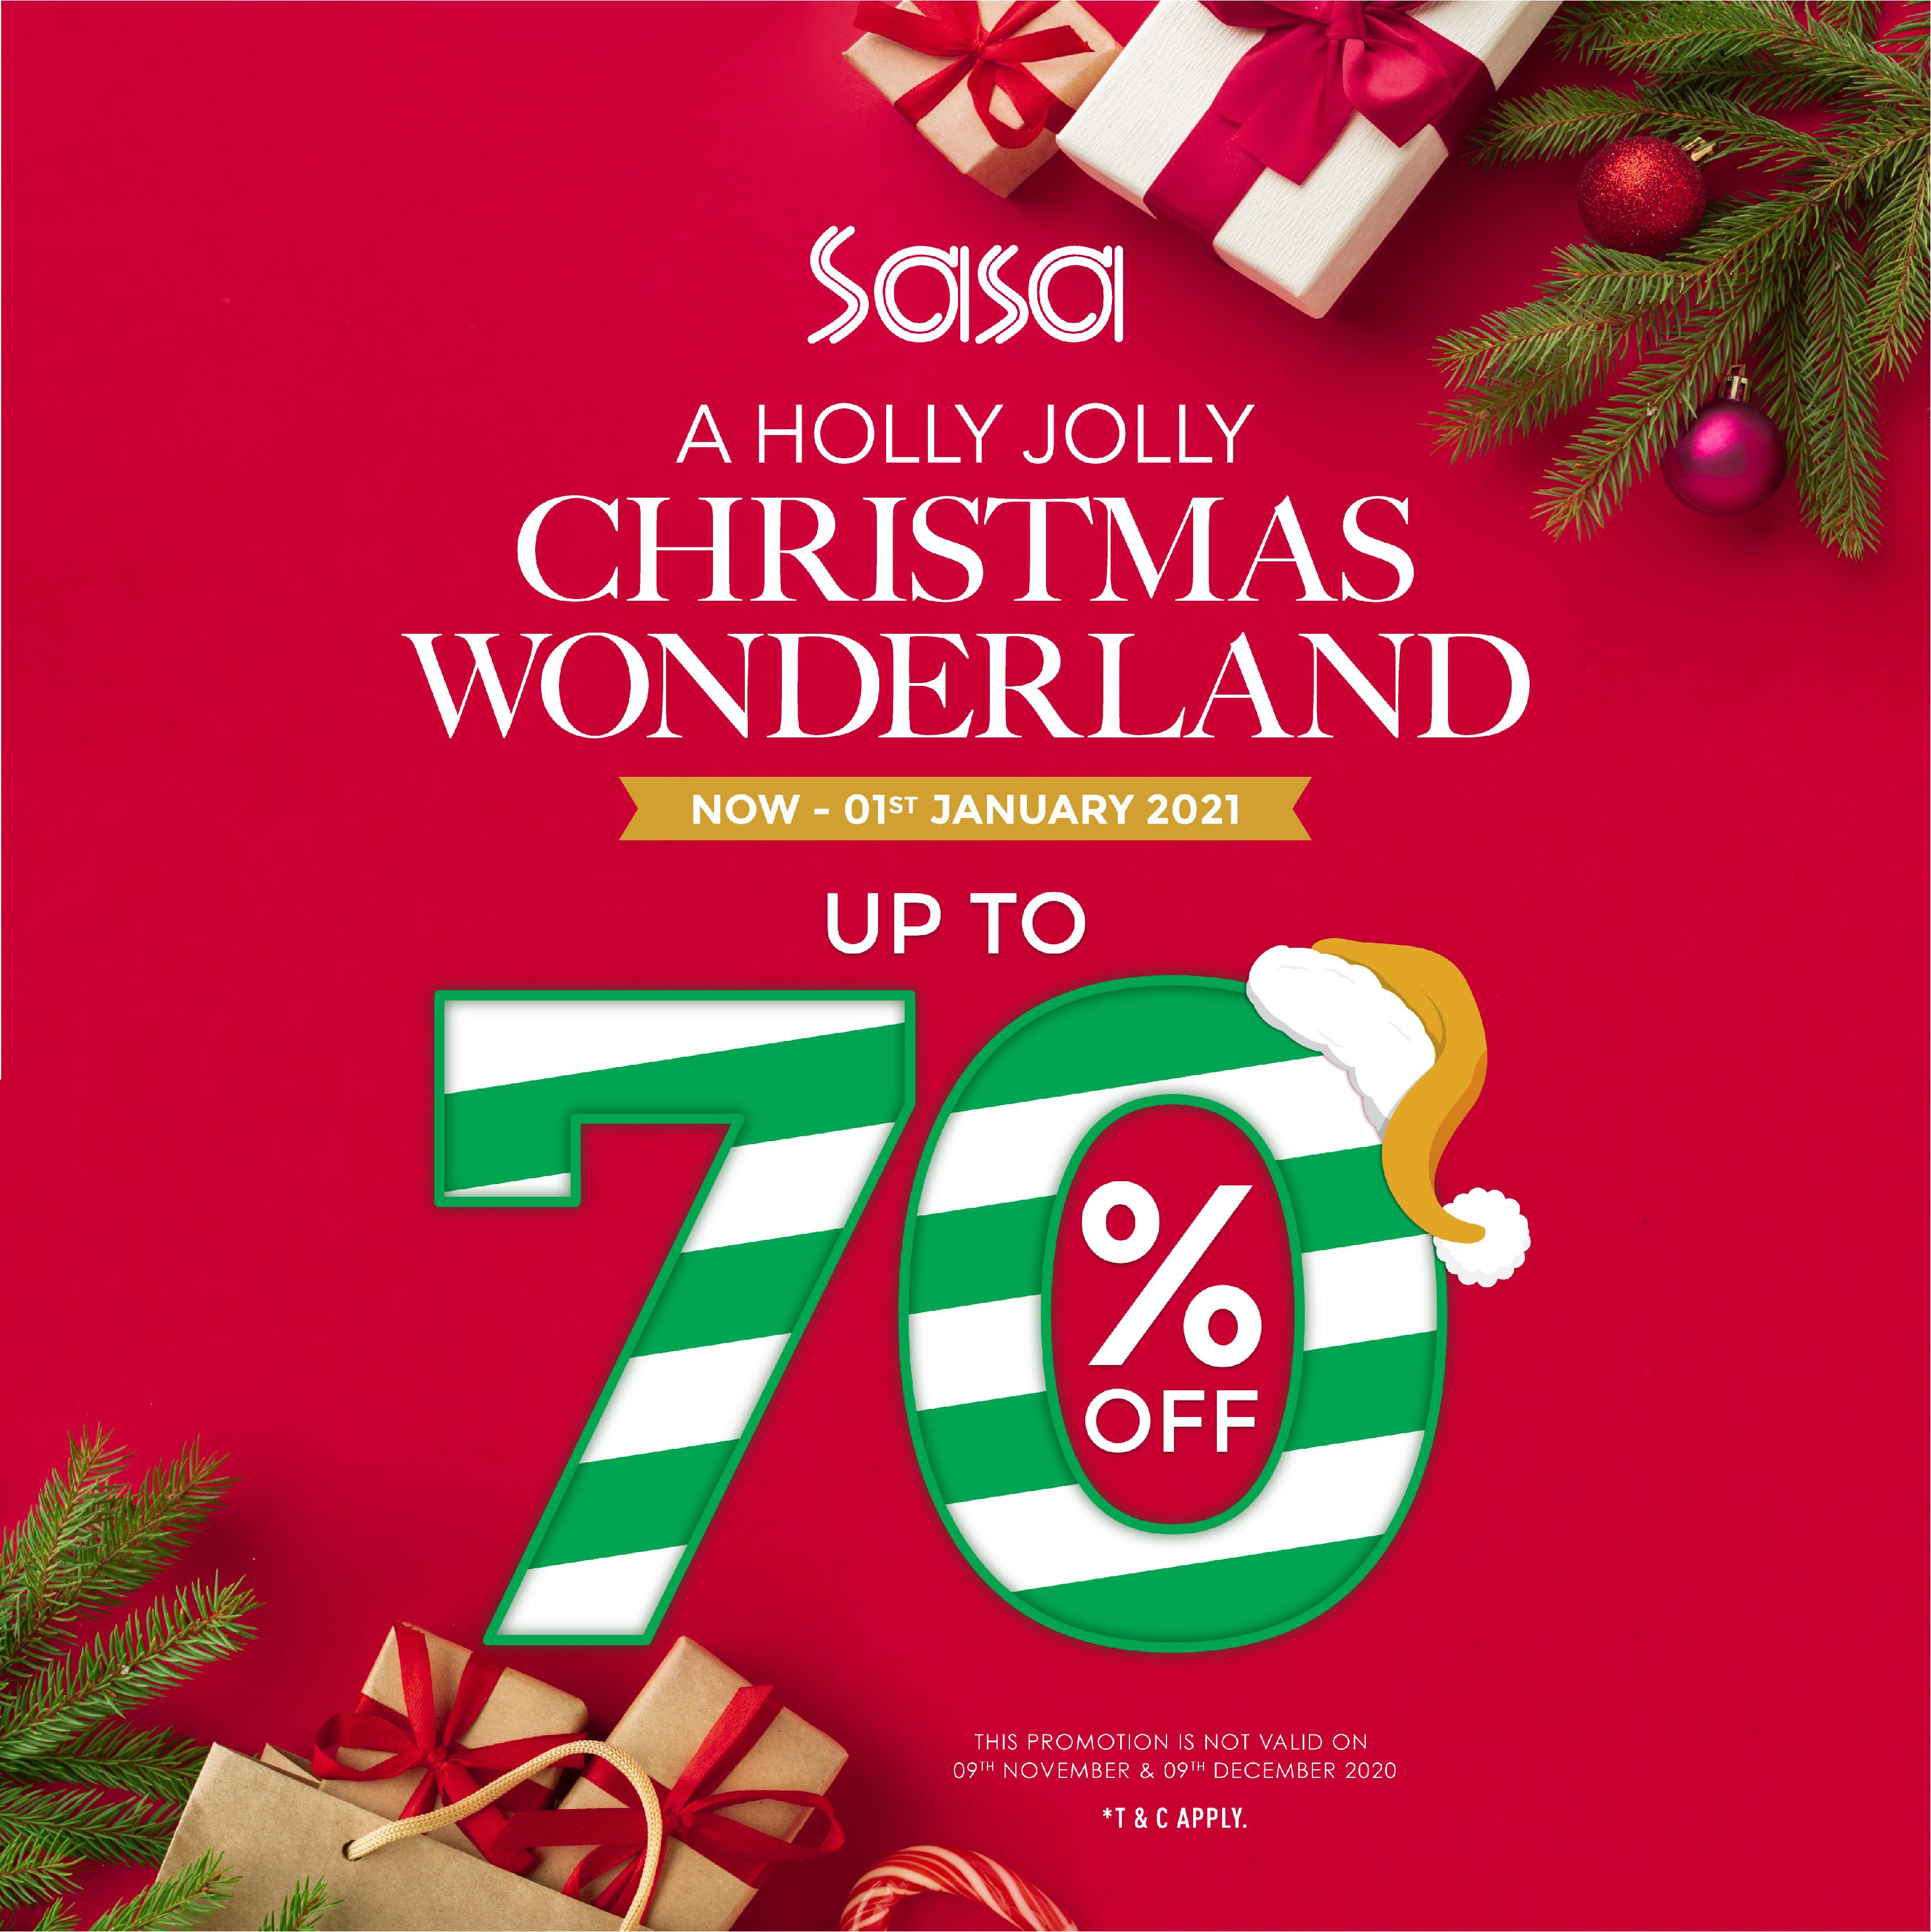 Sa Sa Christmas Wonderland